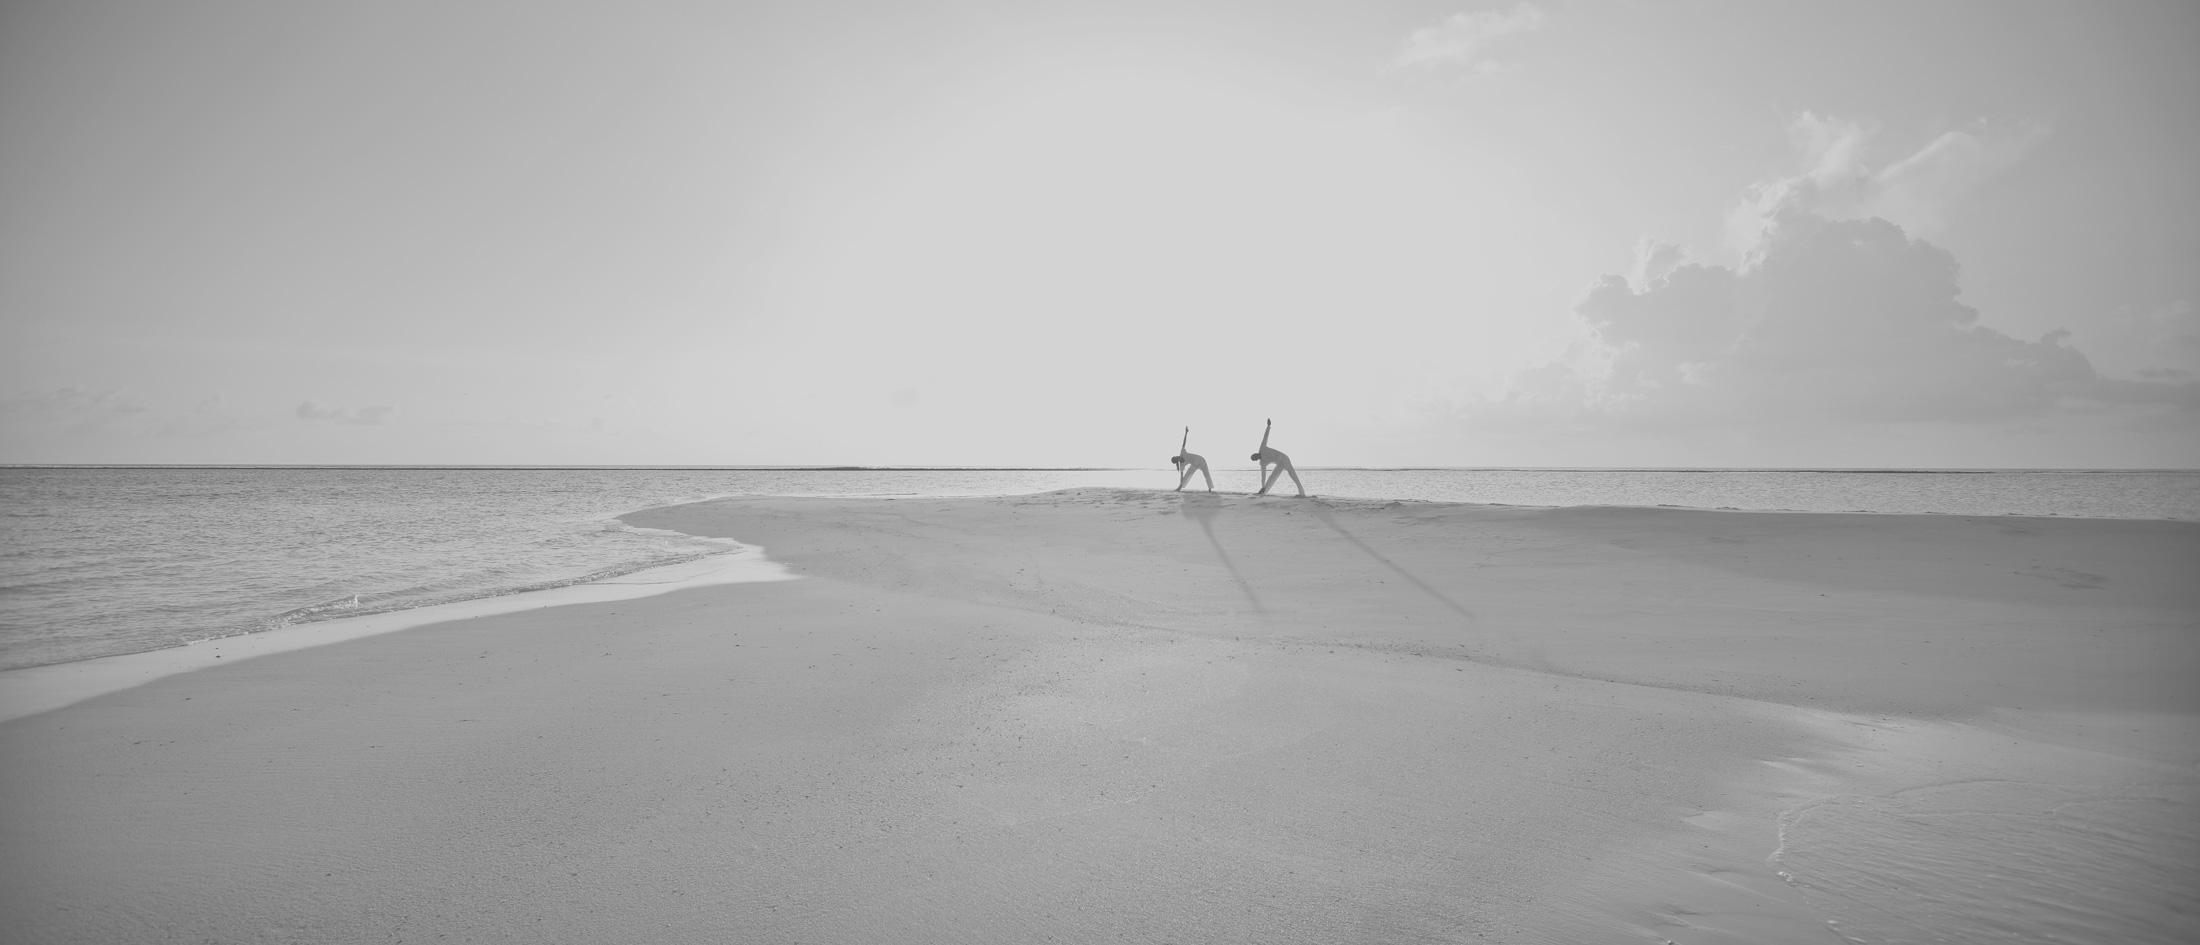 Zwei Menschen machen Yoga auf einer Sandbank im Soneva Jani